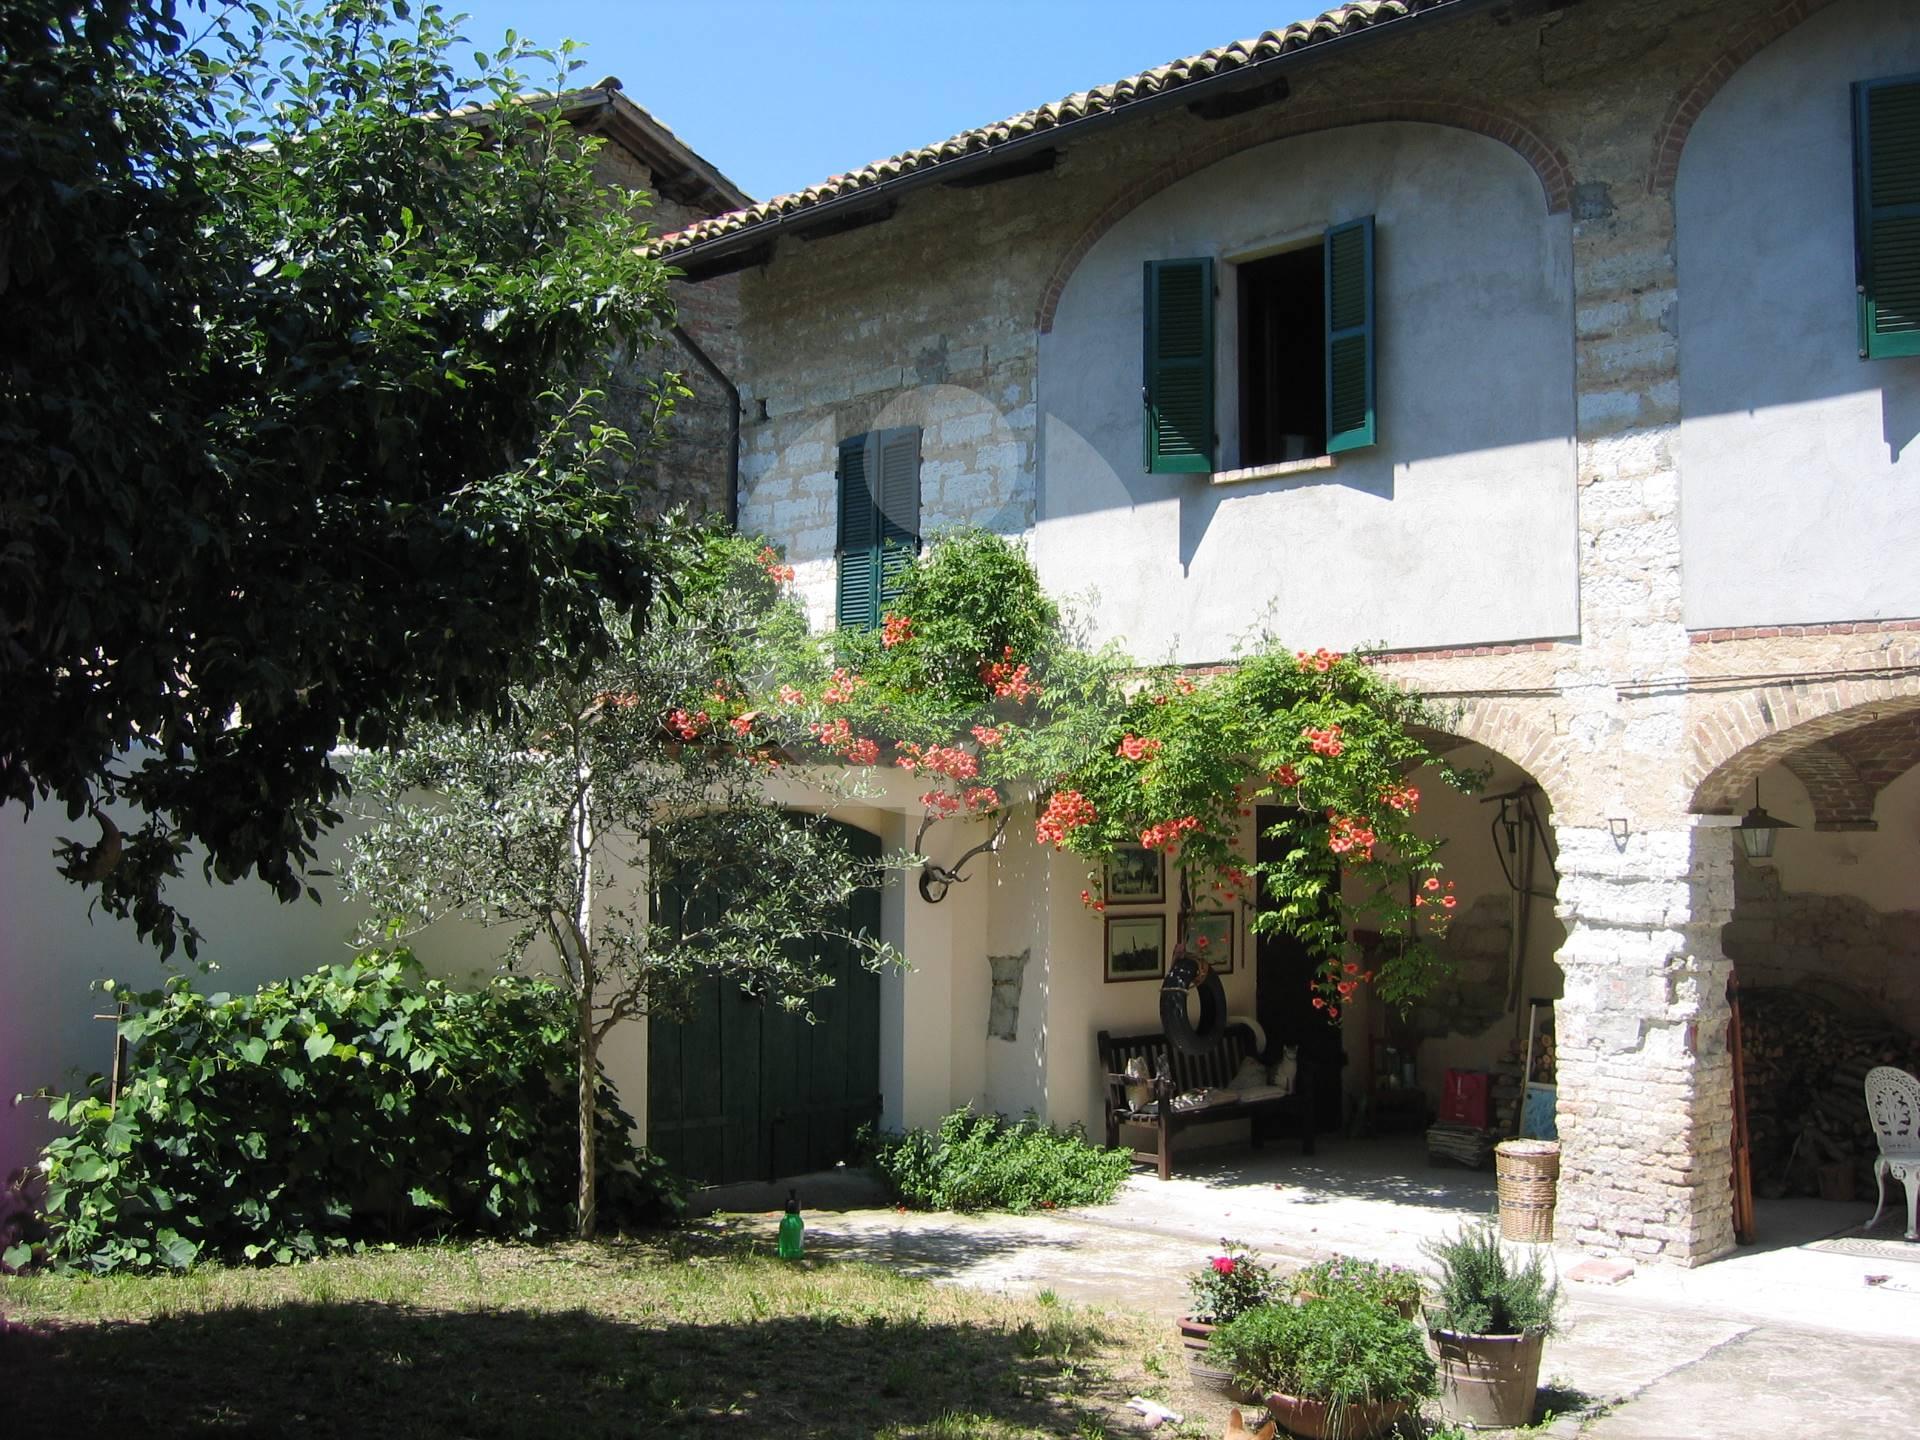 Foto 1 di Rustico / Casale Via Pessine, Odalengo Piccolo